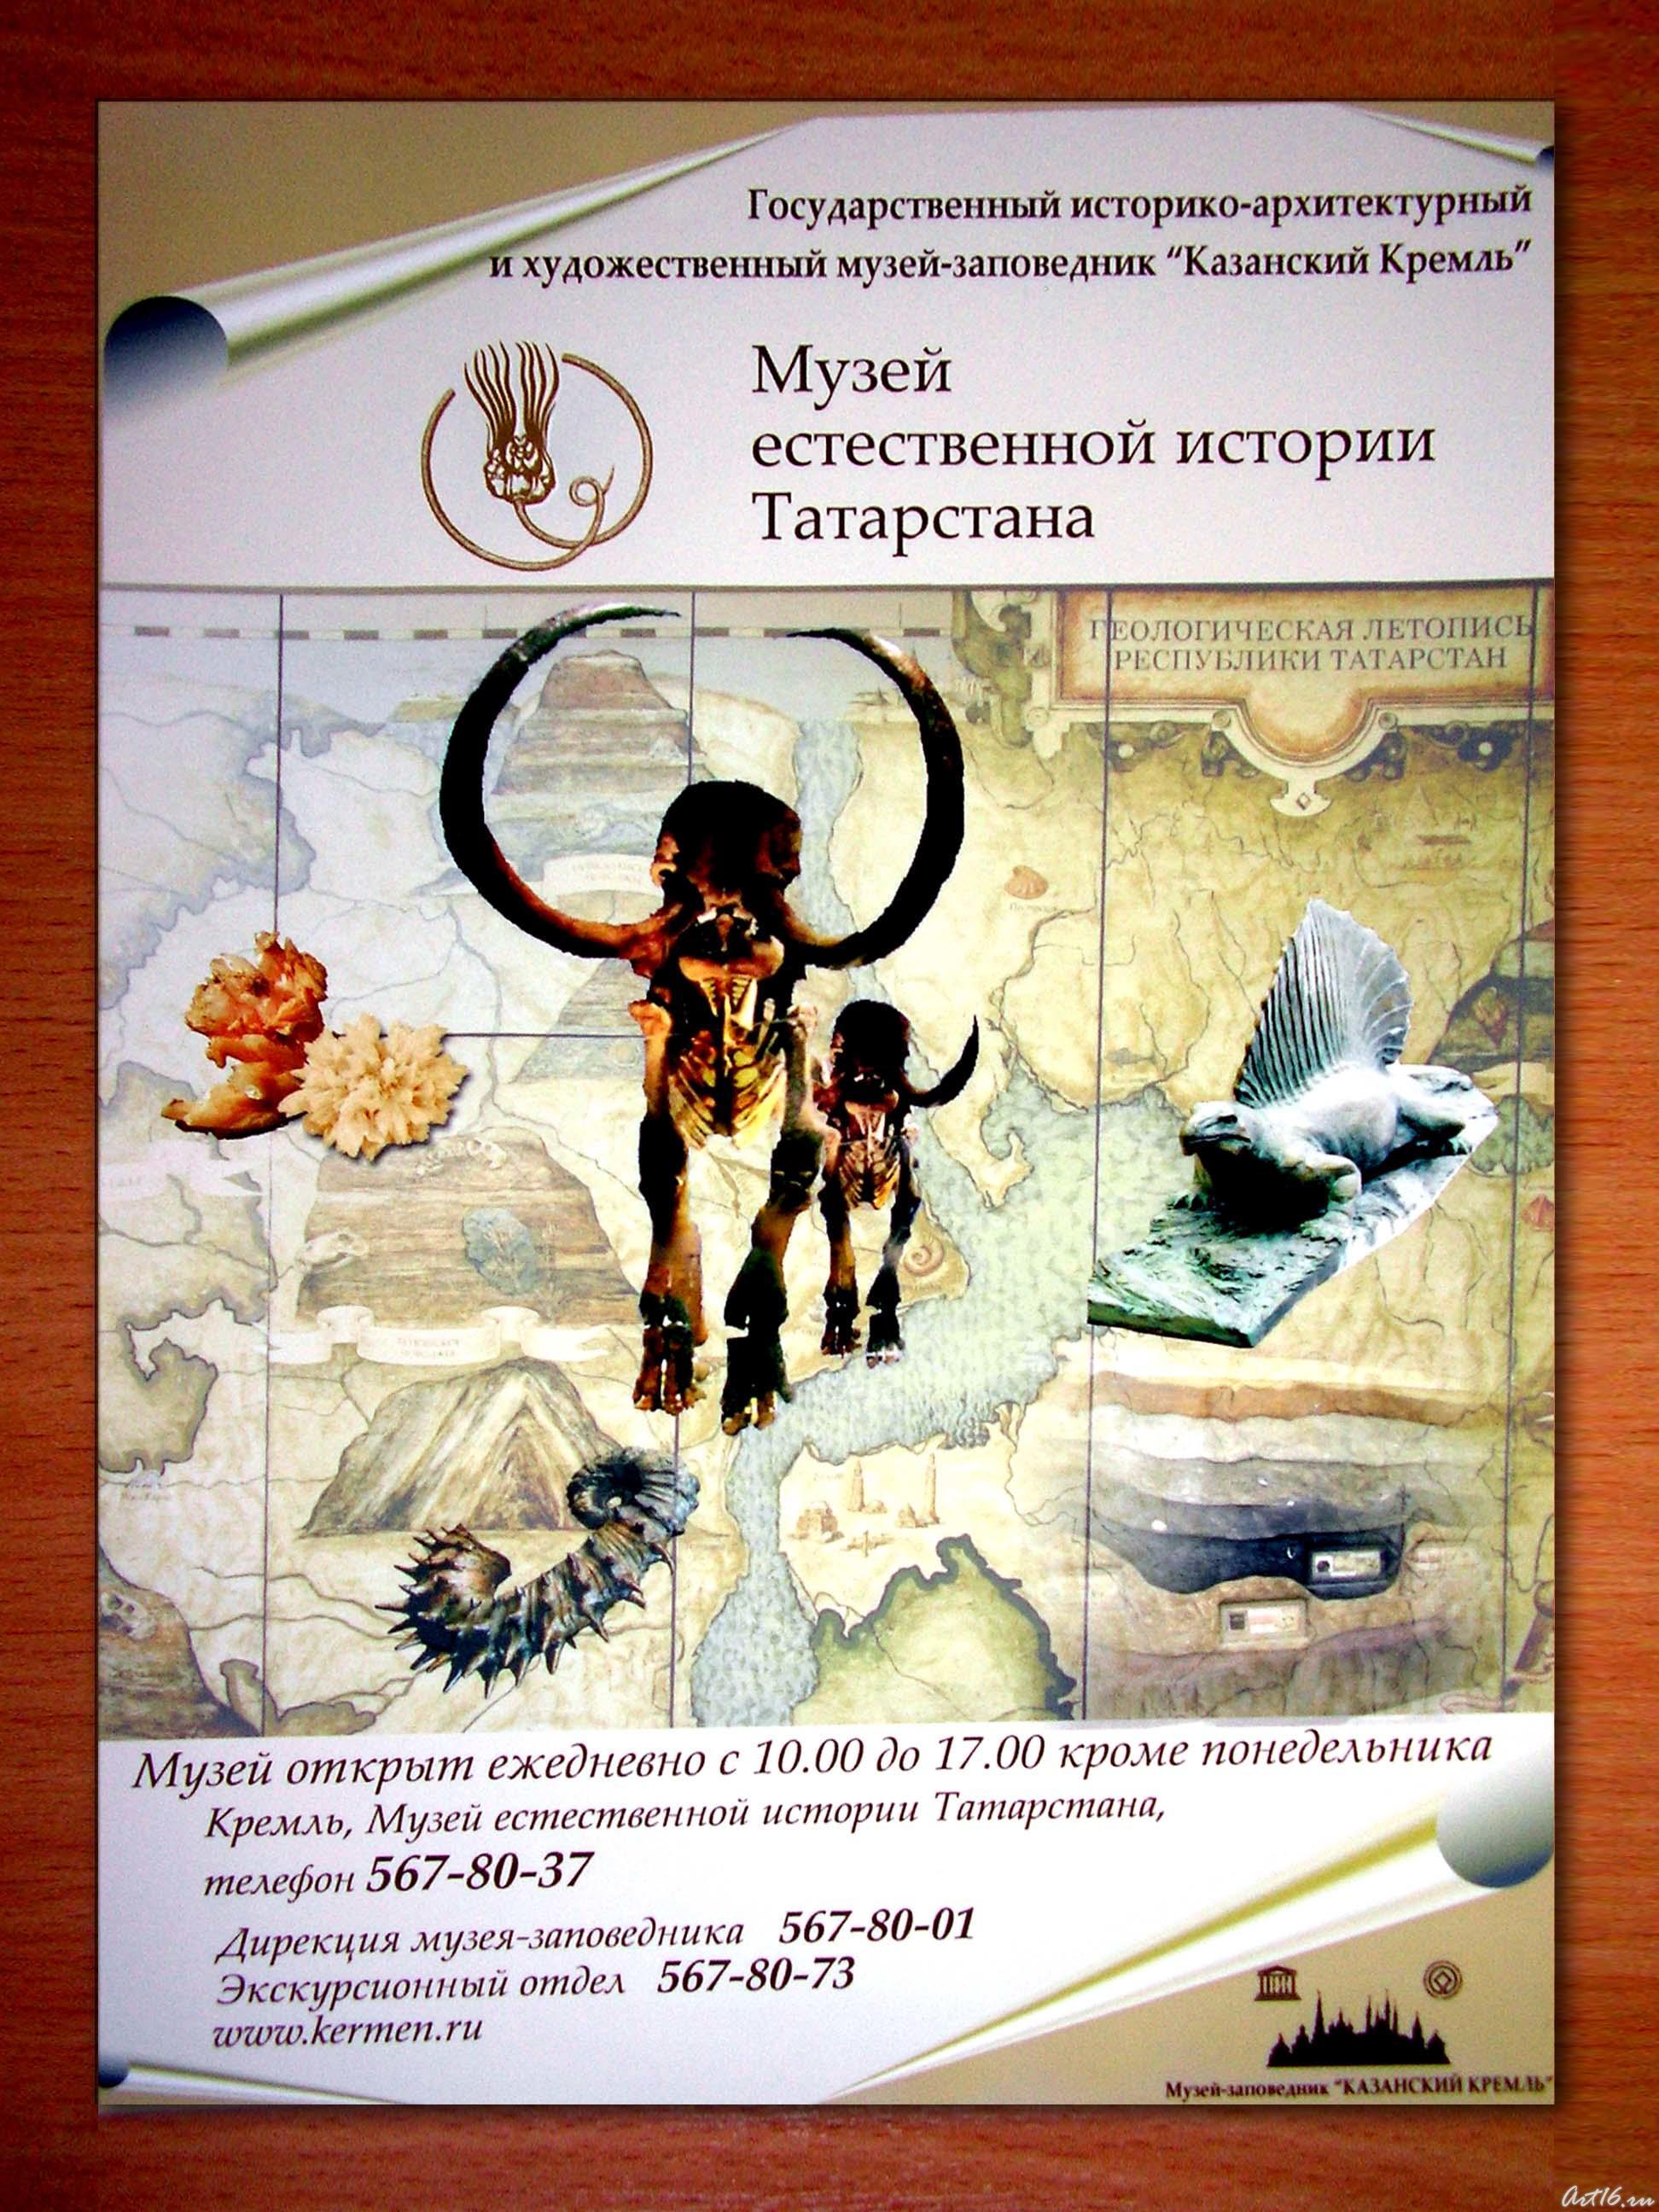 Афиша Музея естественной истории Татарстана::Экспозиция музея Природы